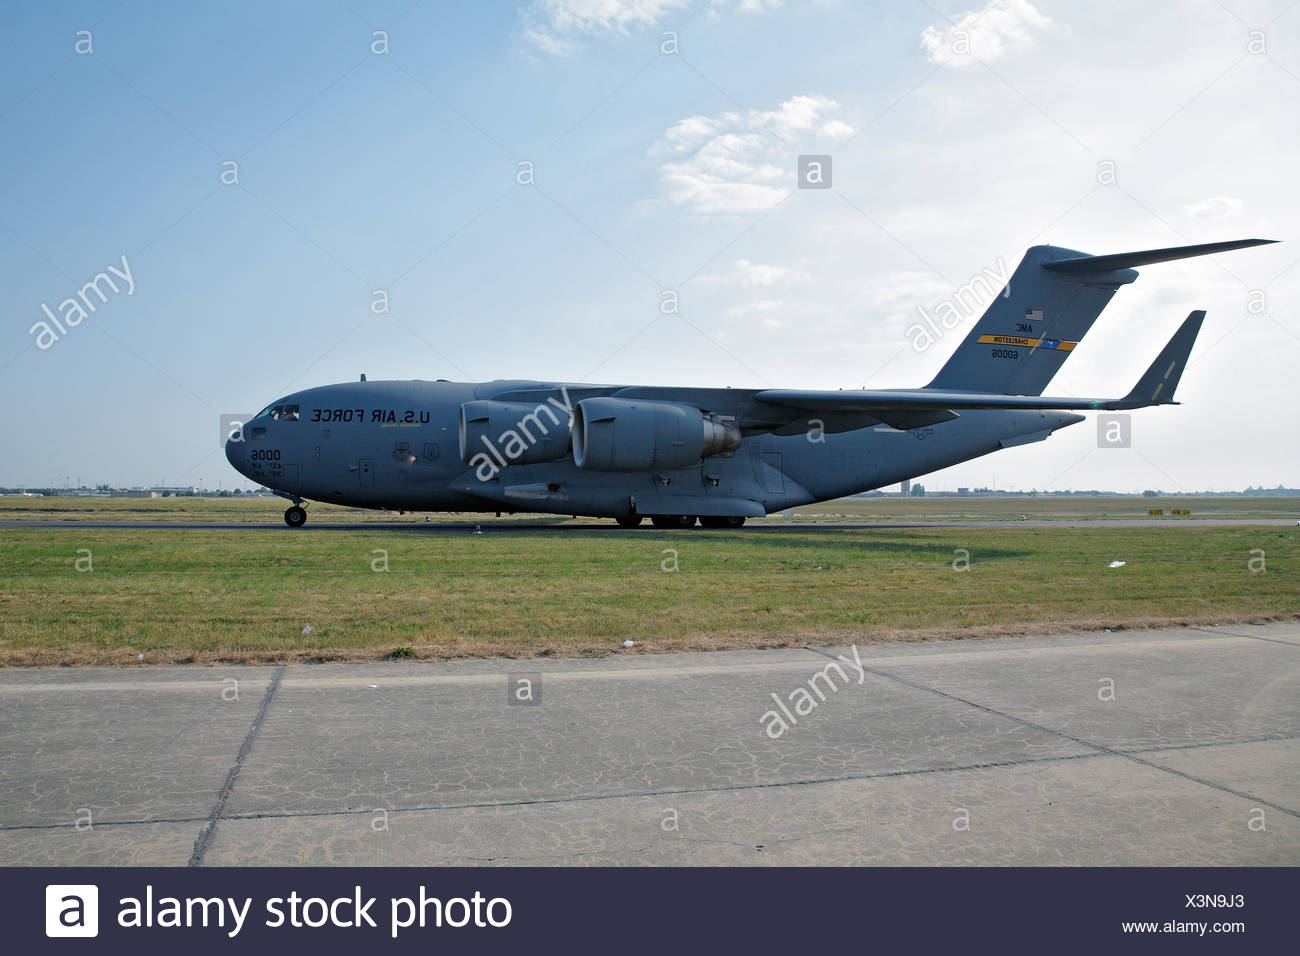 Large capacity cargo plaine, Lockheed C-17 Globemaster, US Air Force, USAF, rolling towards the runway - Stock Image